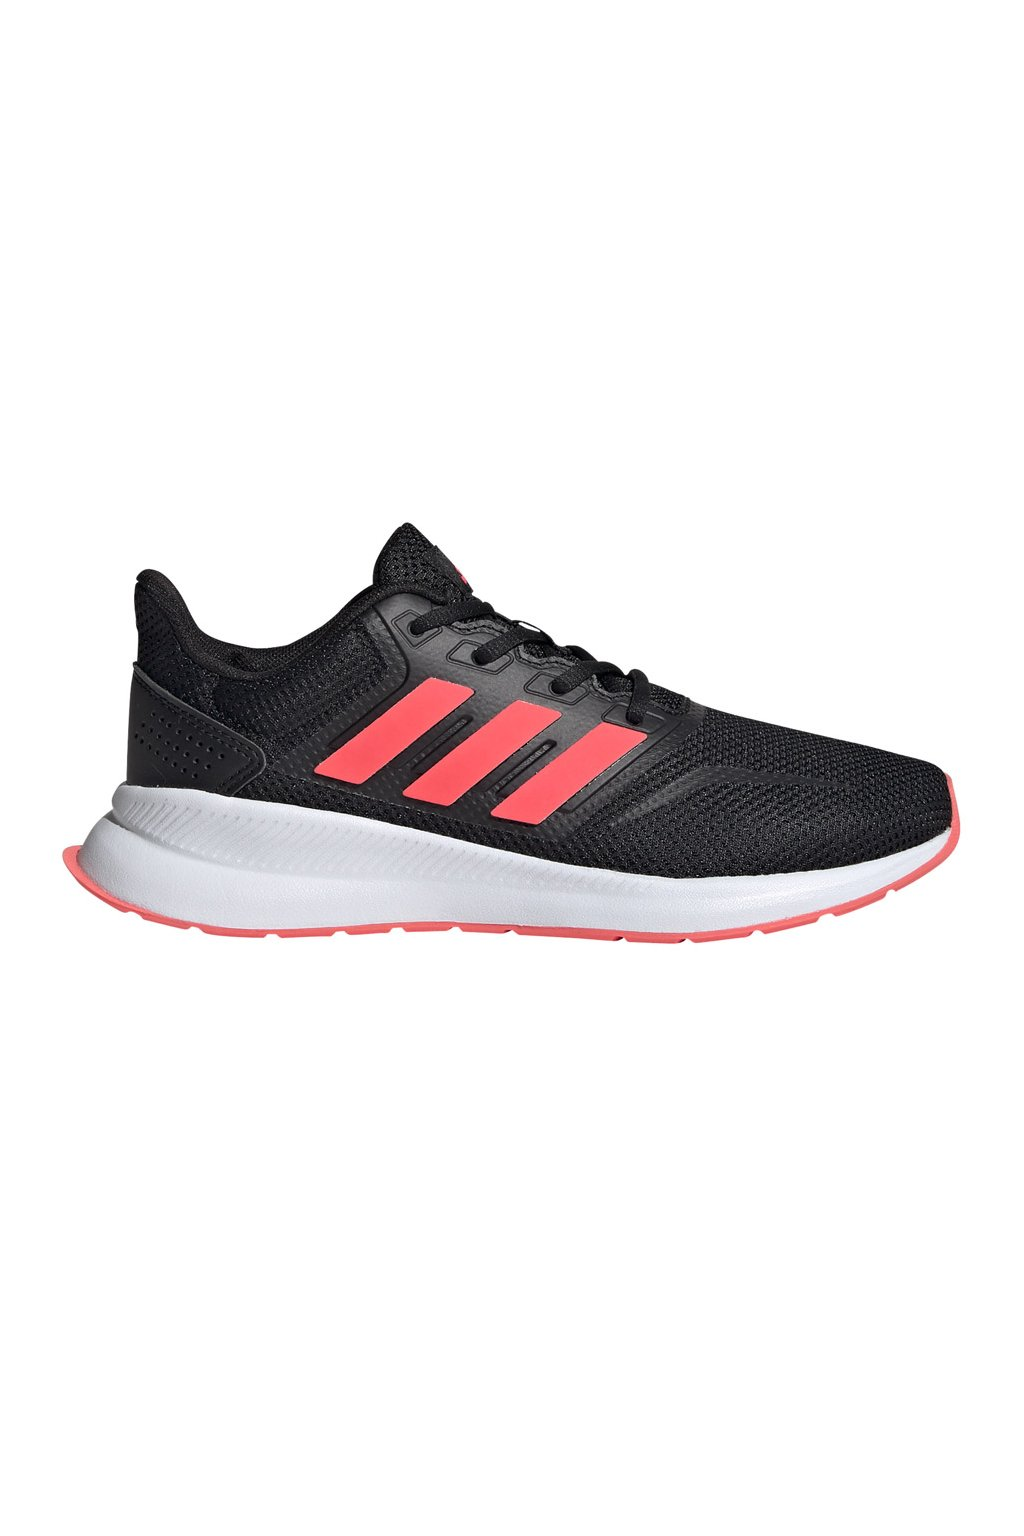 Buty dla dzieci adidas Runfalcon K czarno-koralowe FV9441